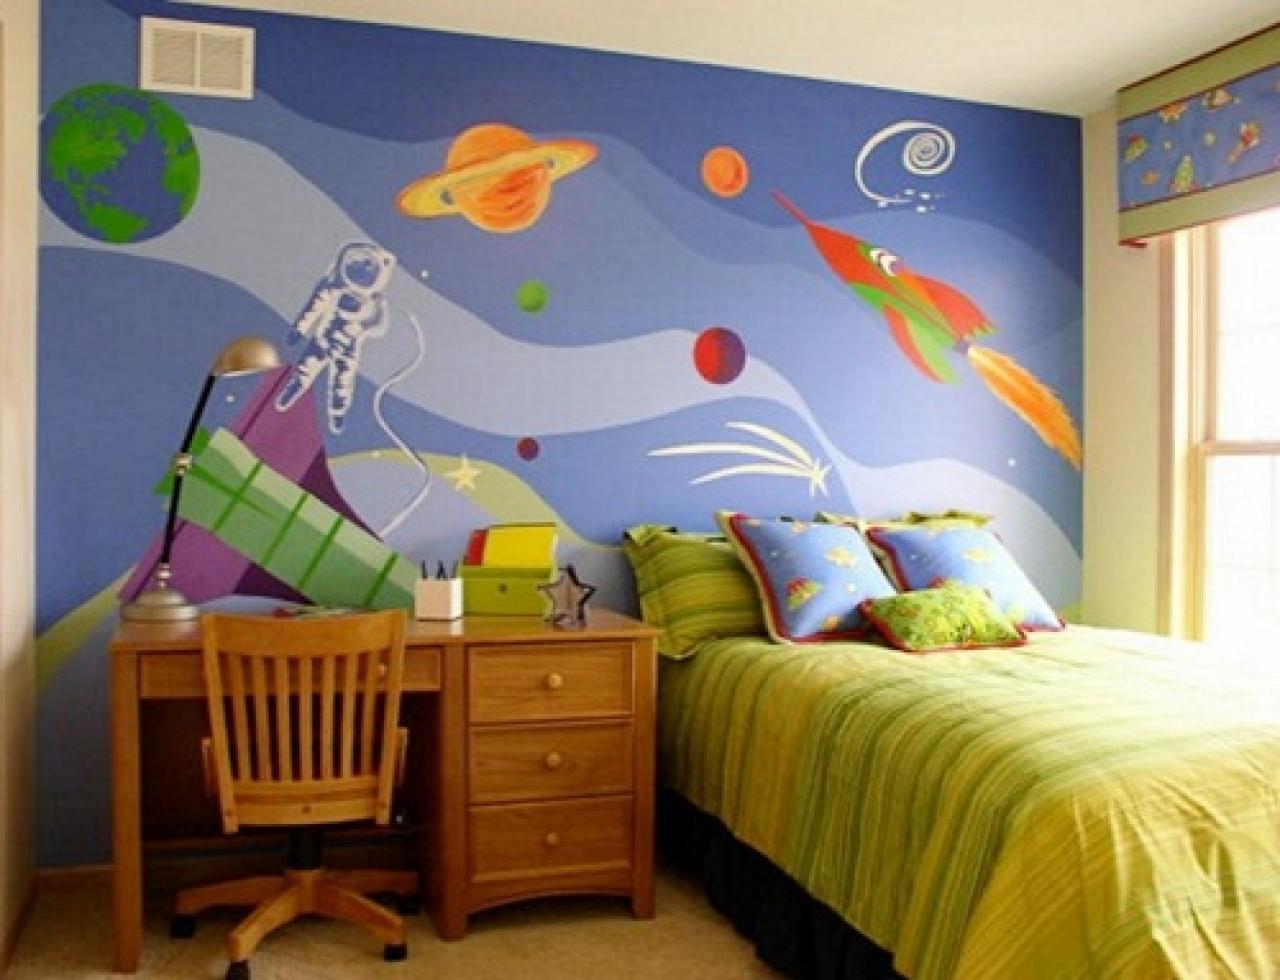 Рисунок на стене в комнате мальчиков